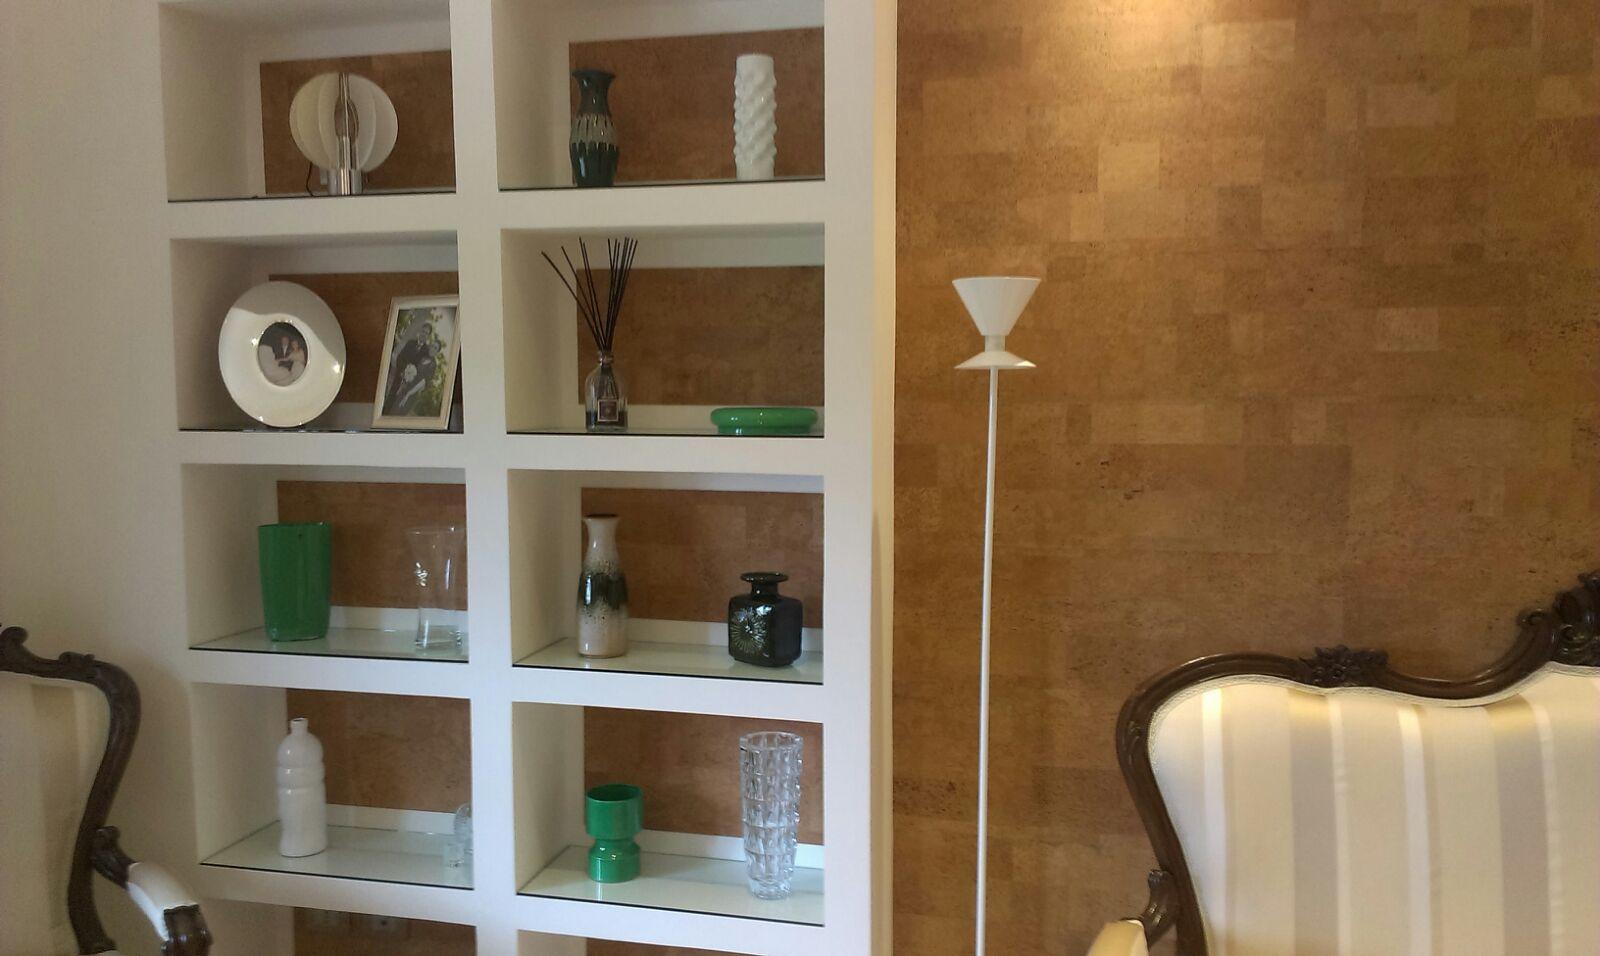 Decorazioni In Legno Per Pareti: Rosoni in gesso per decorazioni ...